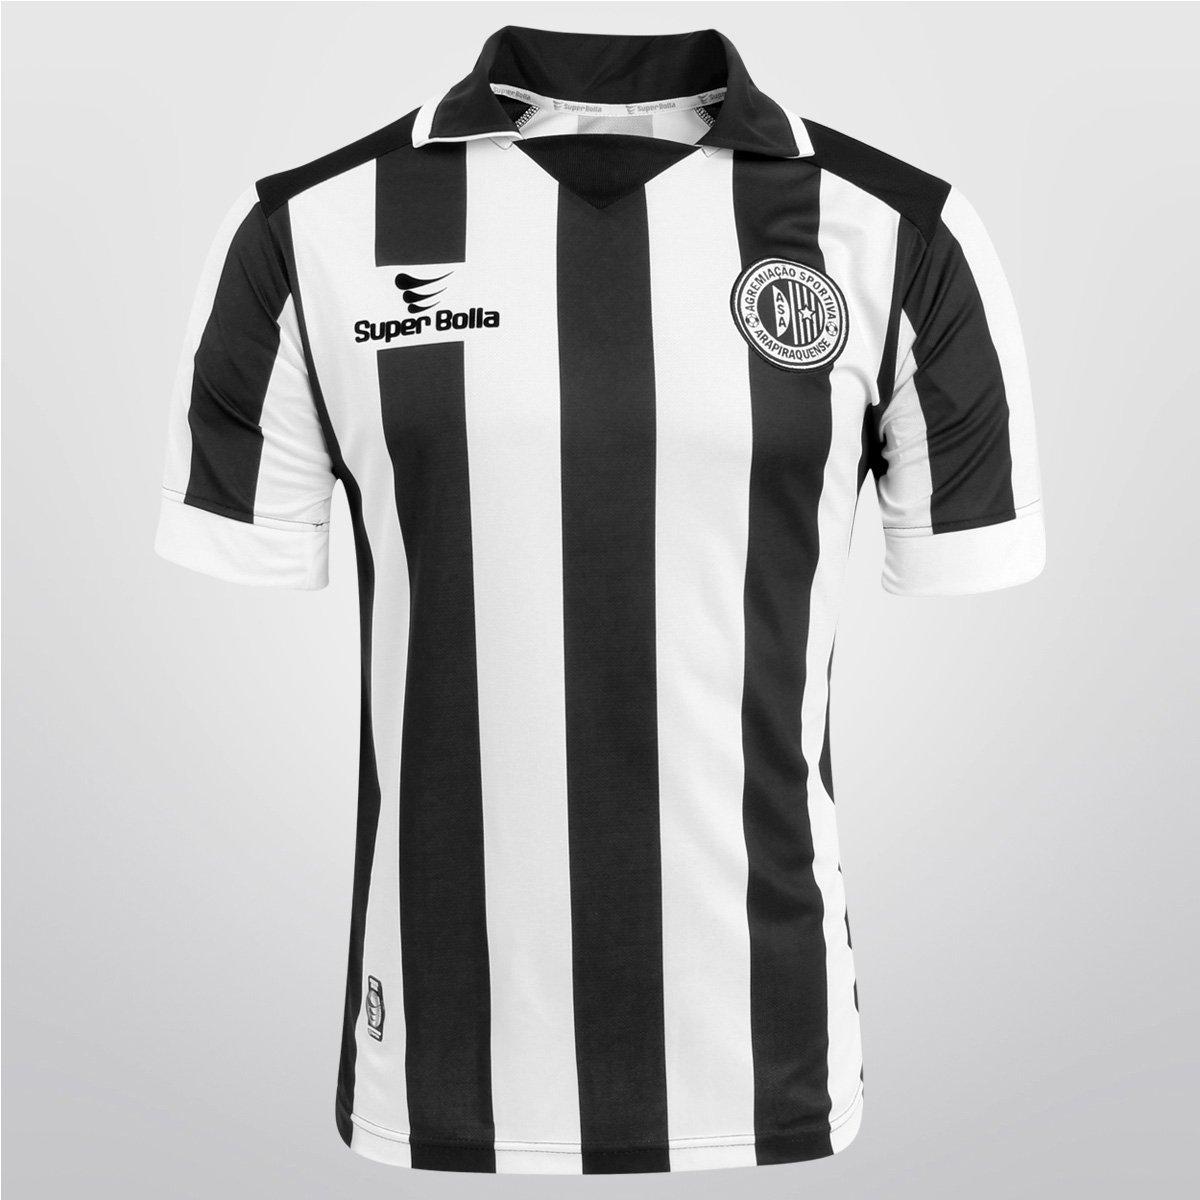 1e26795aab Camisa Super Bolla Asa I 2015 nº 10 - Jogador - Compre Agora